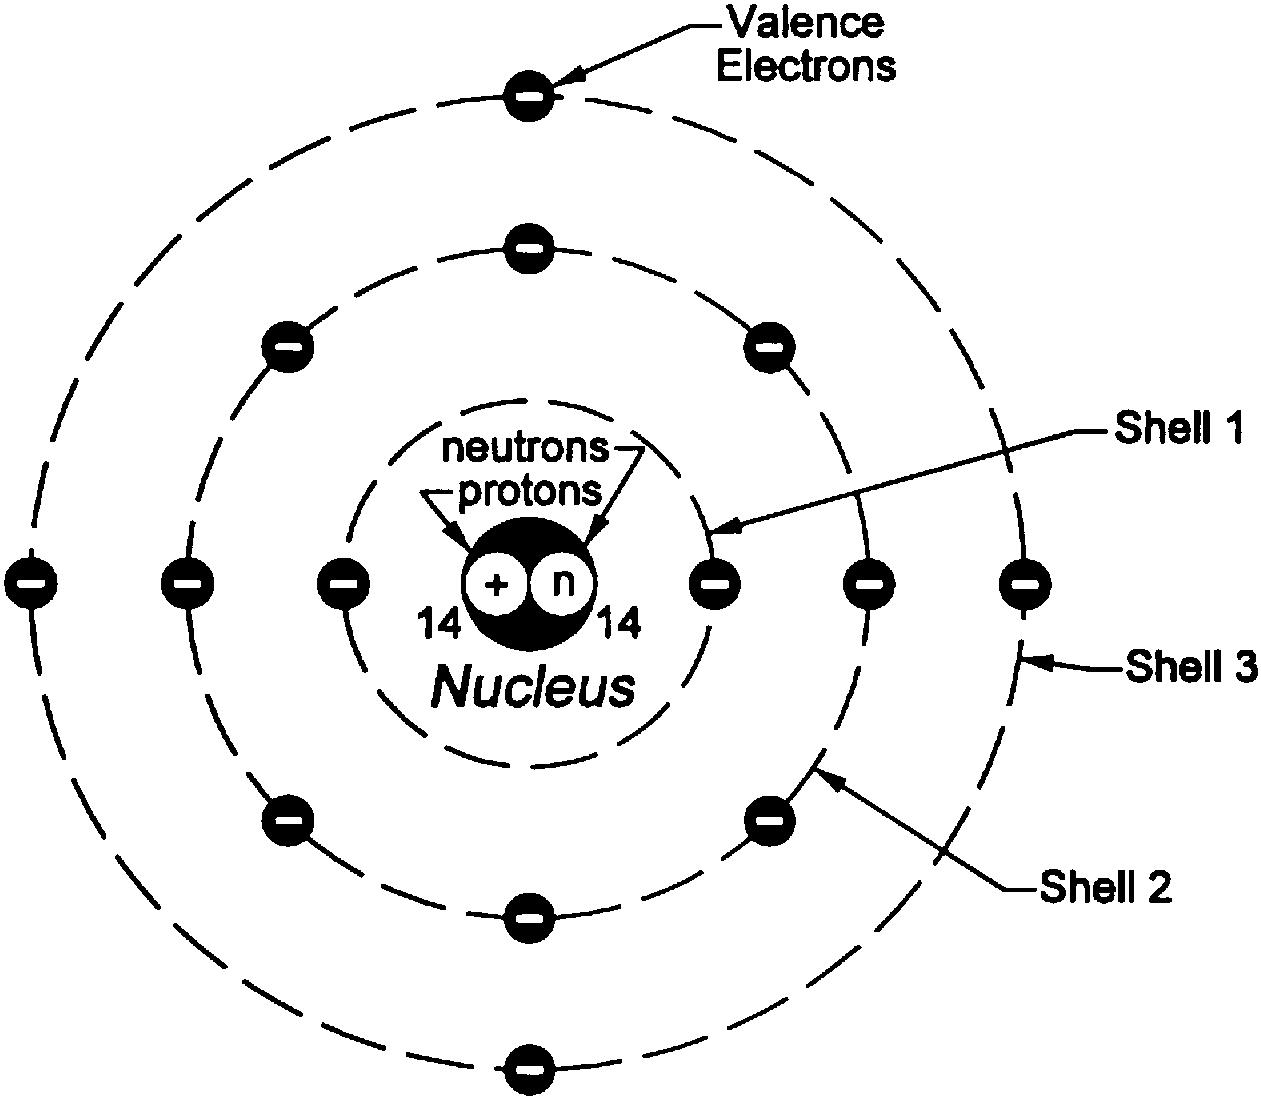 silicon shell diagram